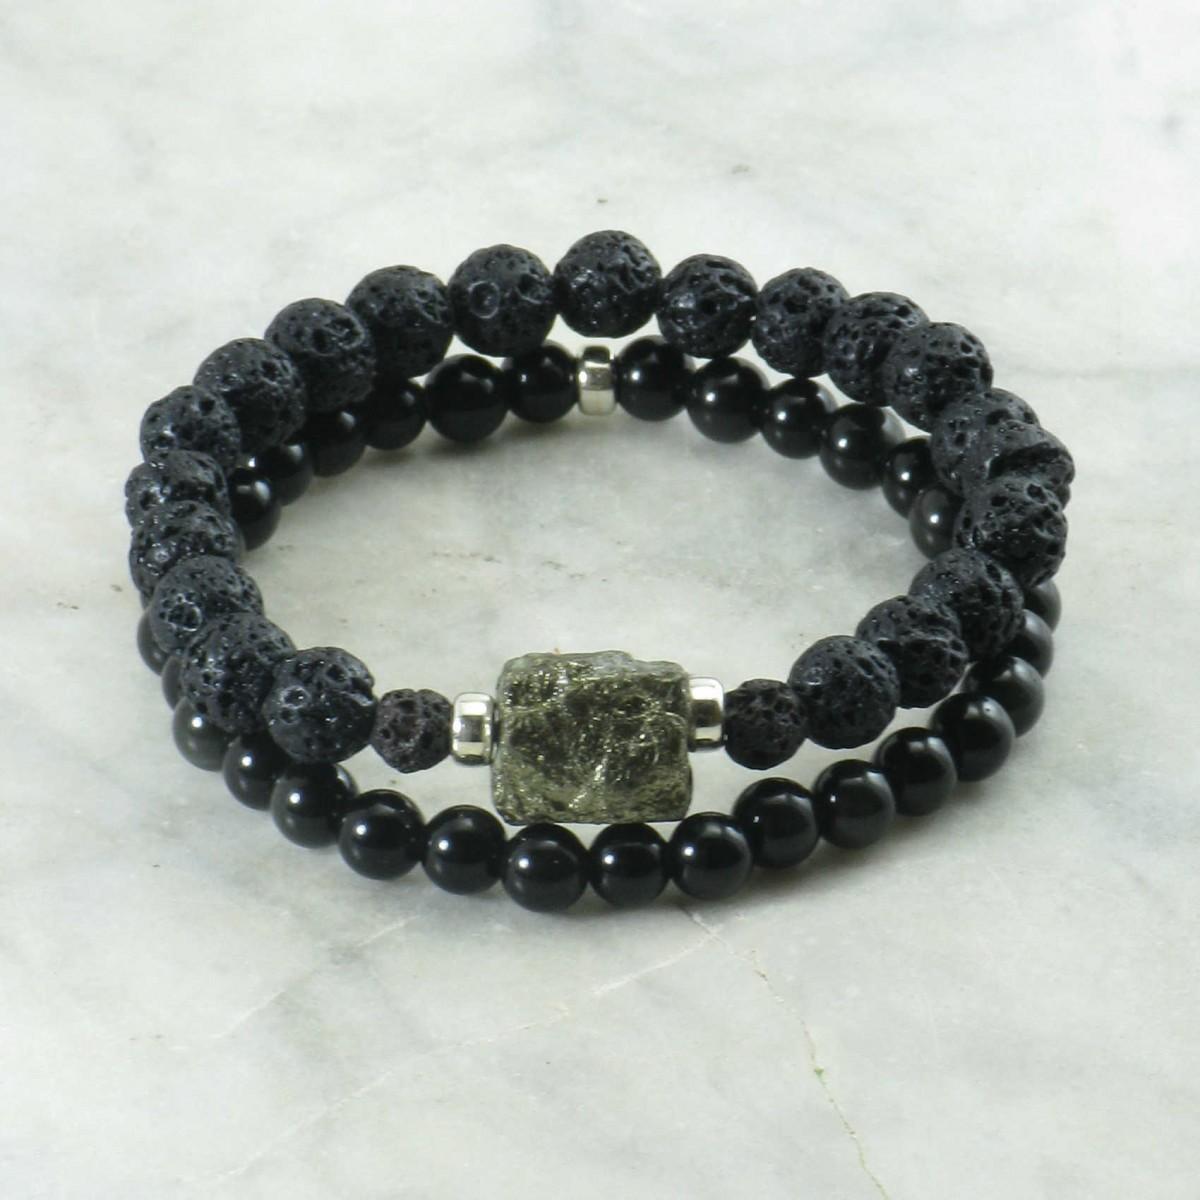 Kratos_Mala_Beads_for_Men_Bracelet_Stacks_Lava_Obsidian_Pyrite_Buddhist_Prayer_Beads